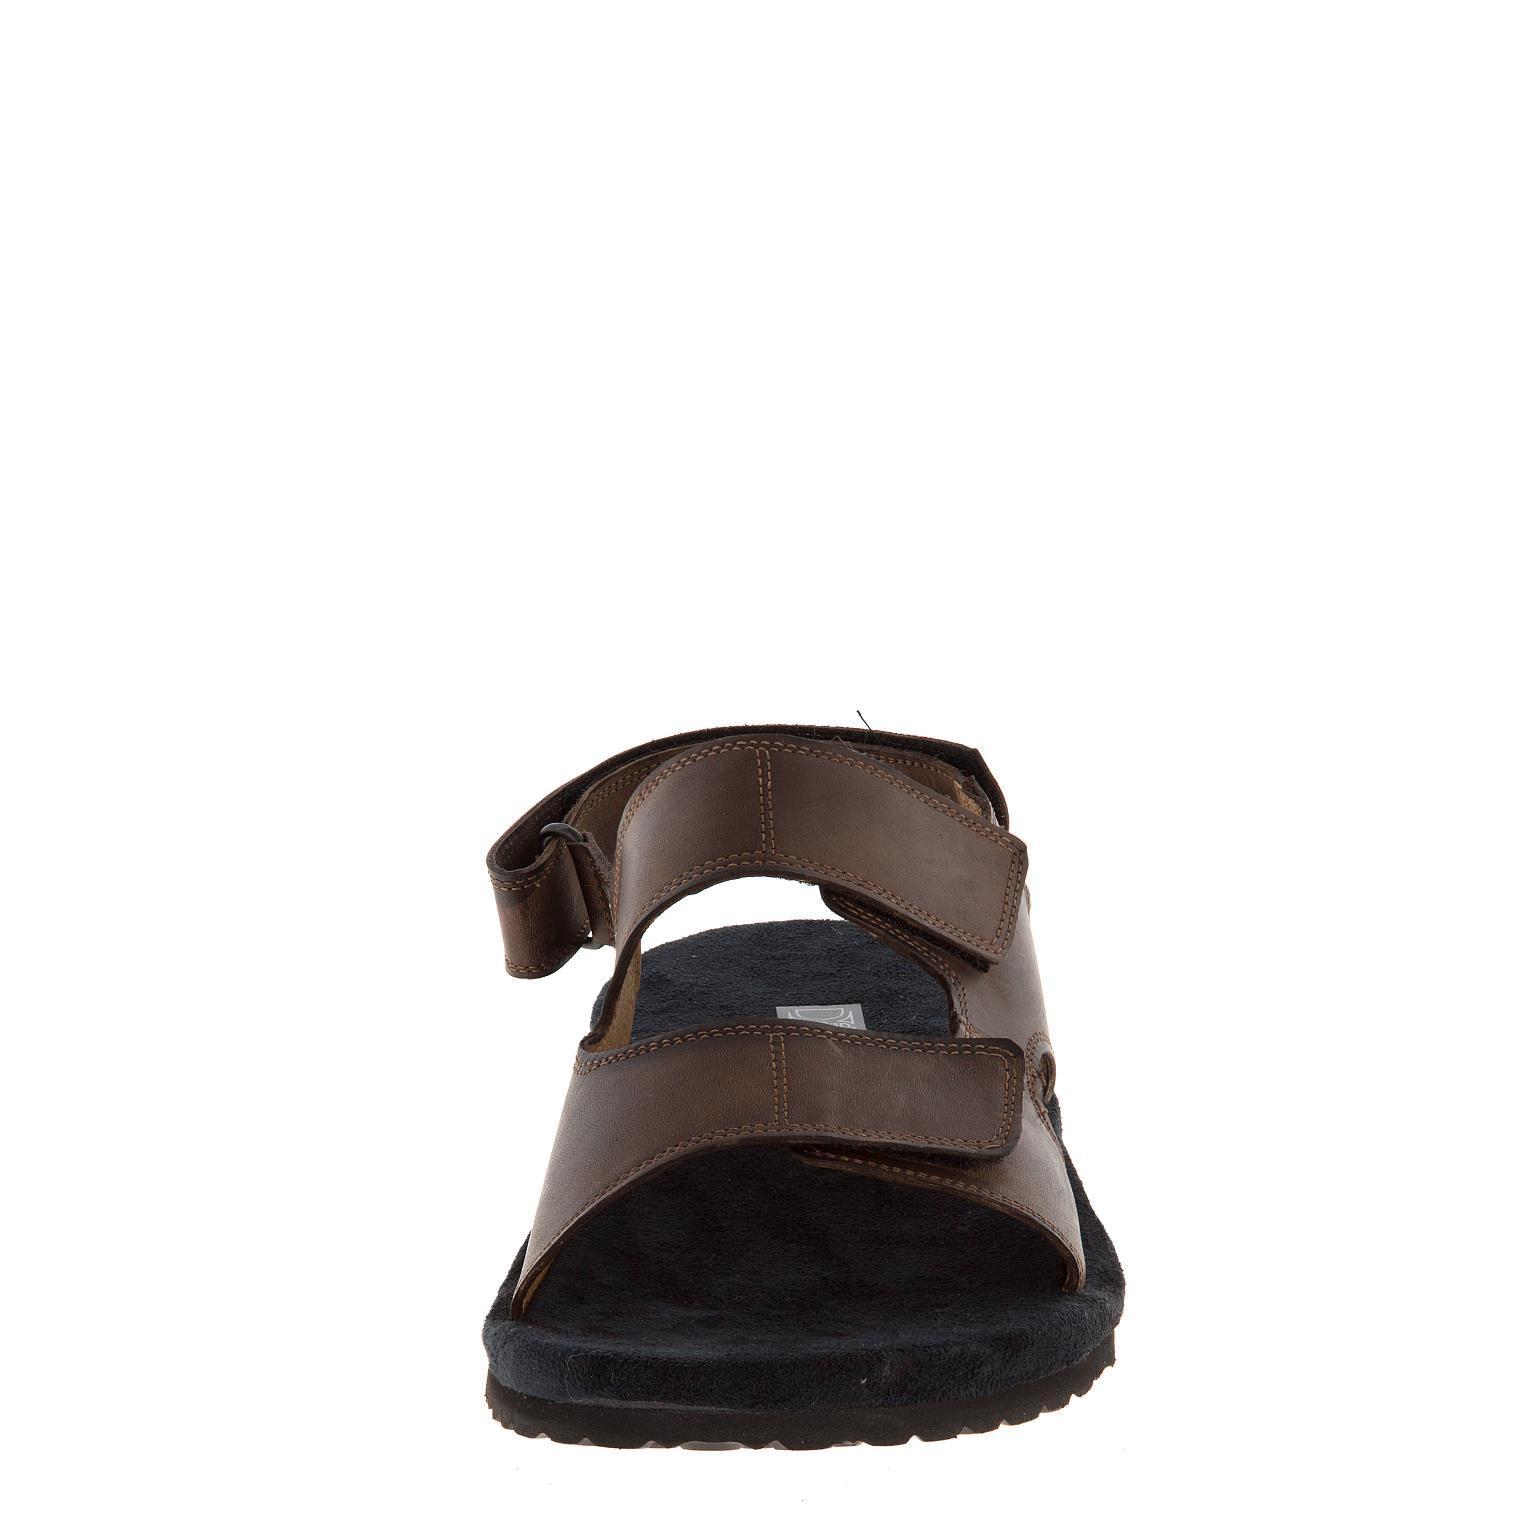 579157 сабо мужские коричневые больших размеров марки Делфино